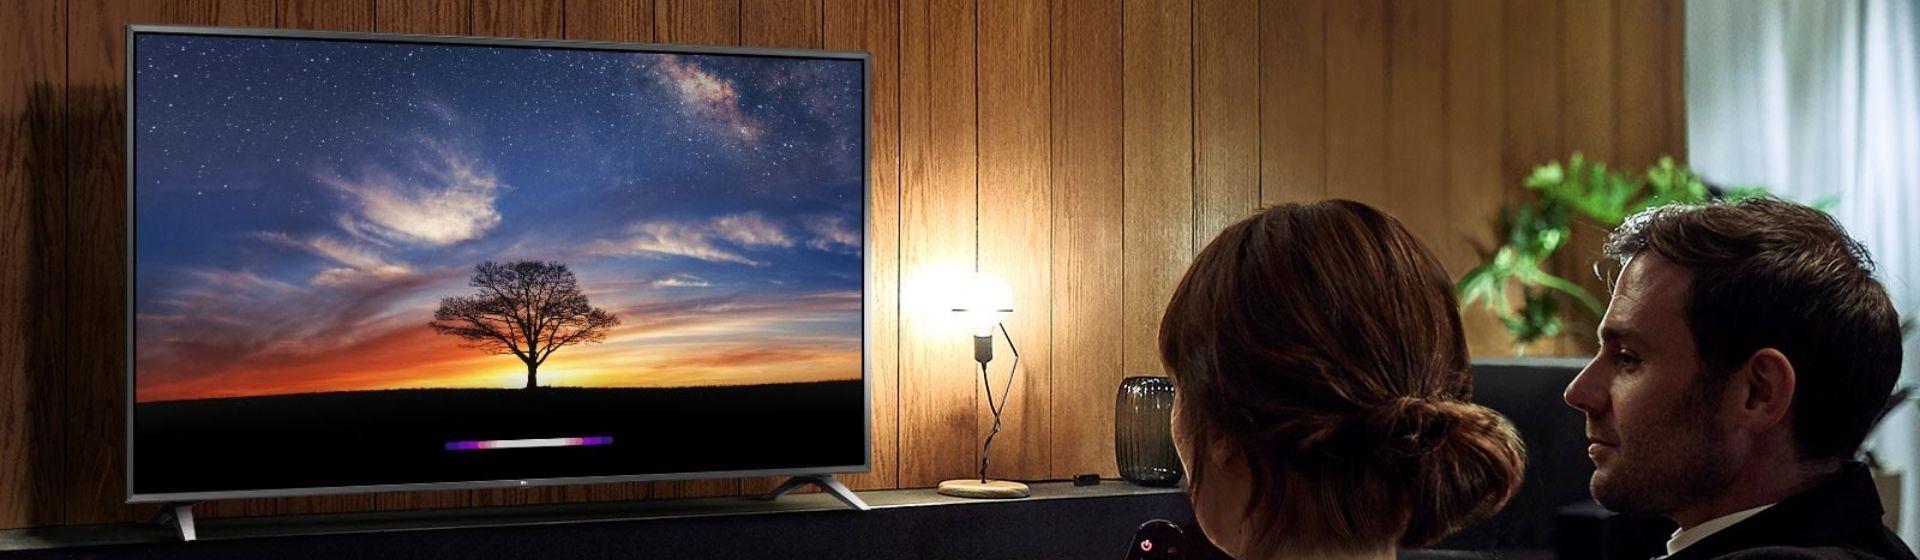 """Smart TV LG UM7510PSB 50"""" vs UM761C0SB 55"""": qual a melhor dessas duas TVs 4K LG?"""